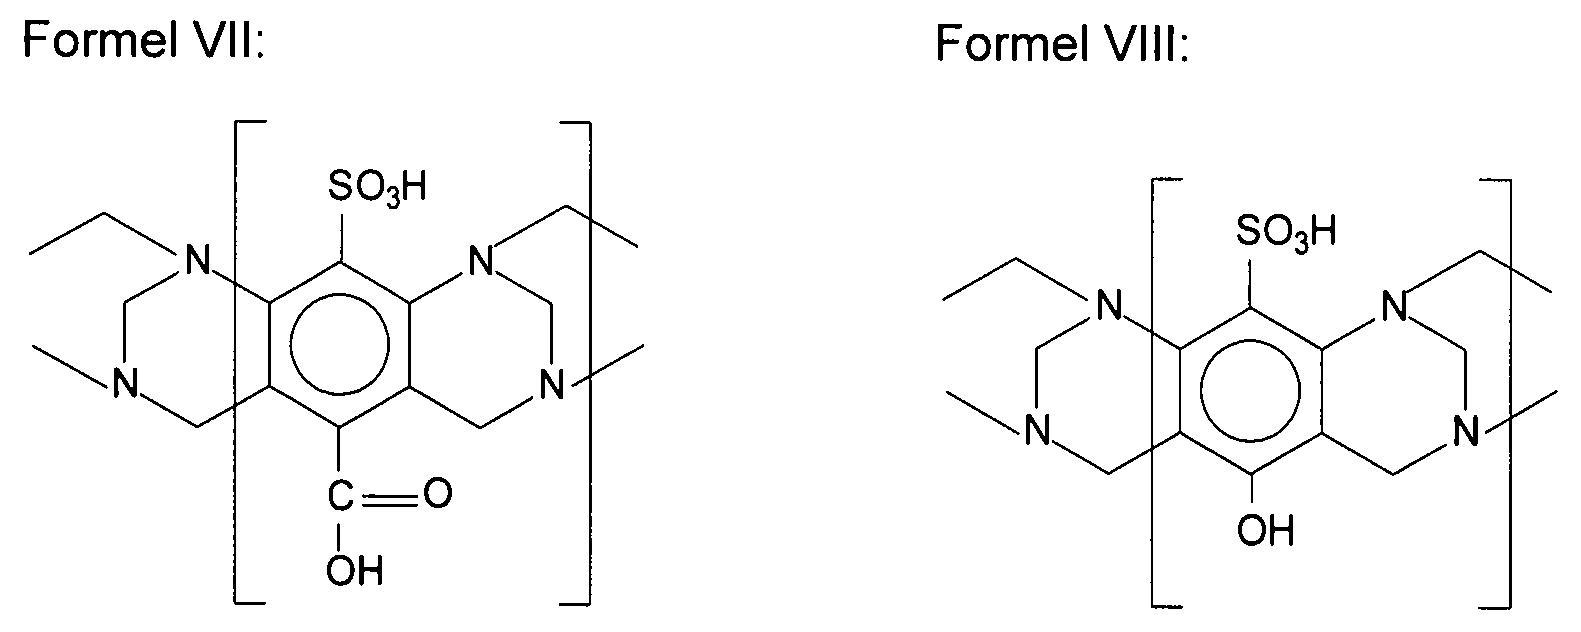 Figure DE112016005378T5_0011